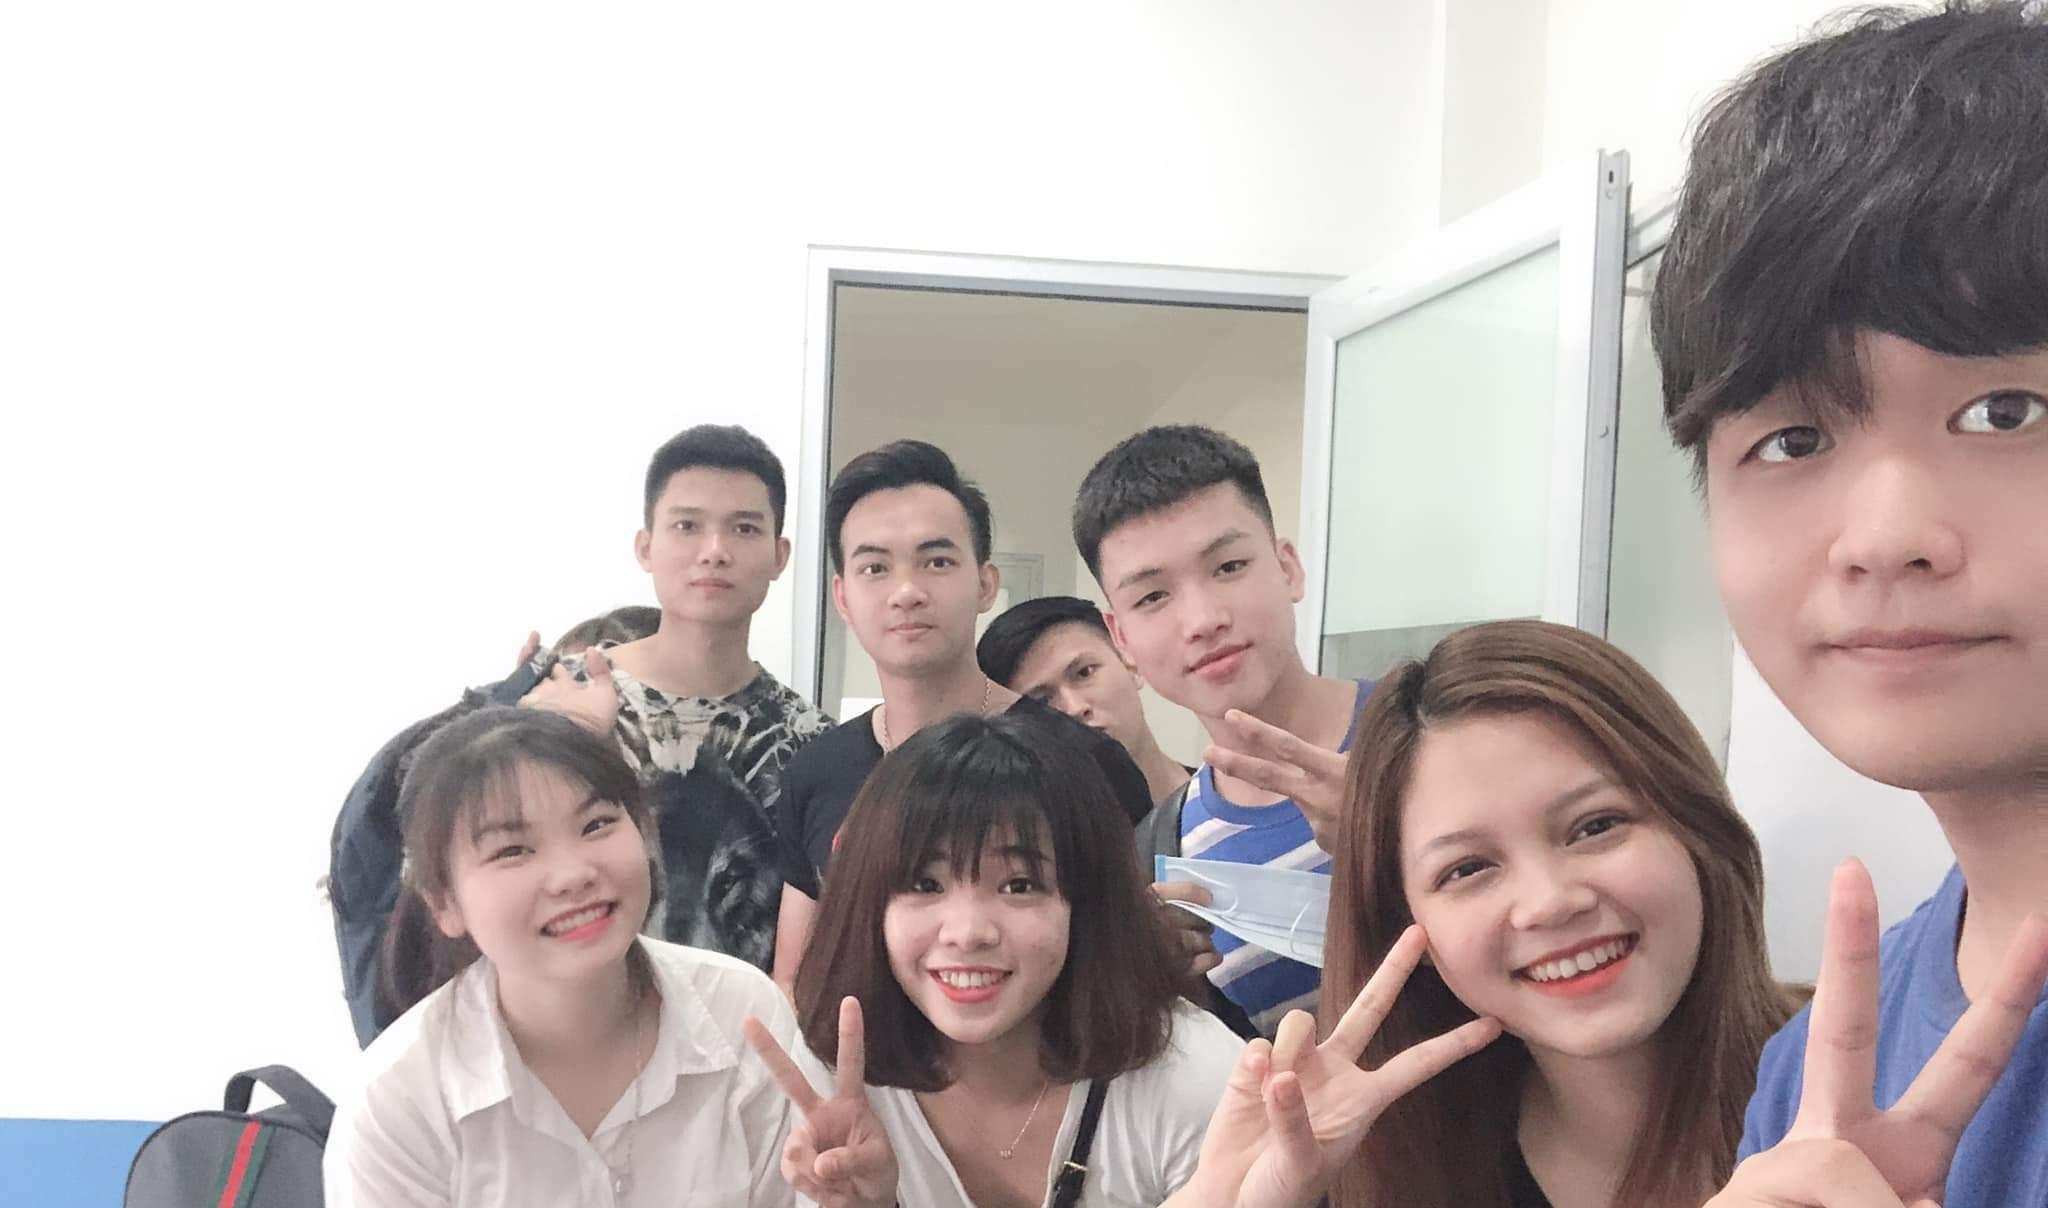 ベトナム留学の1年次が終わった為に1年間を振り返ってみる